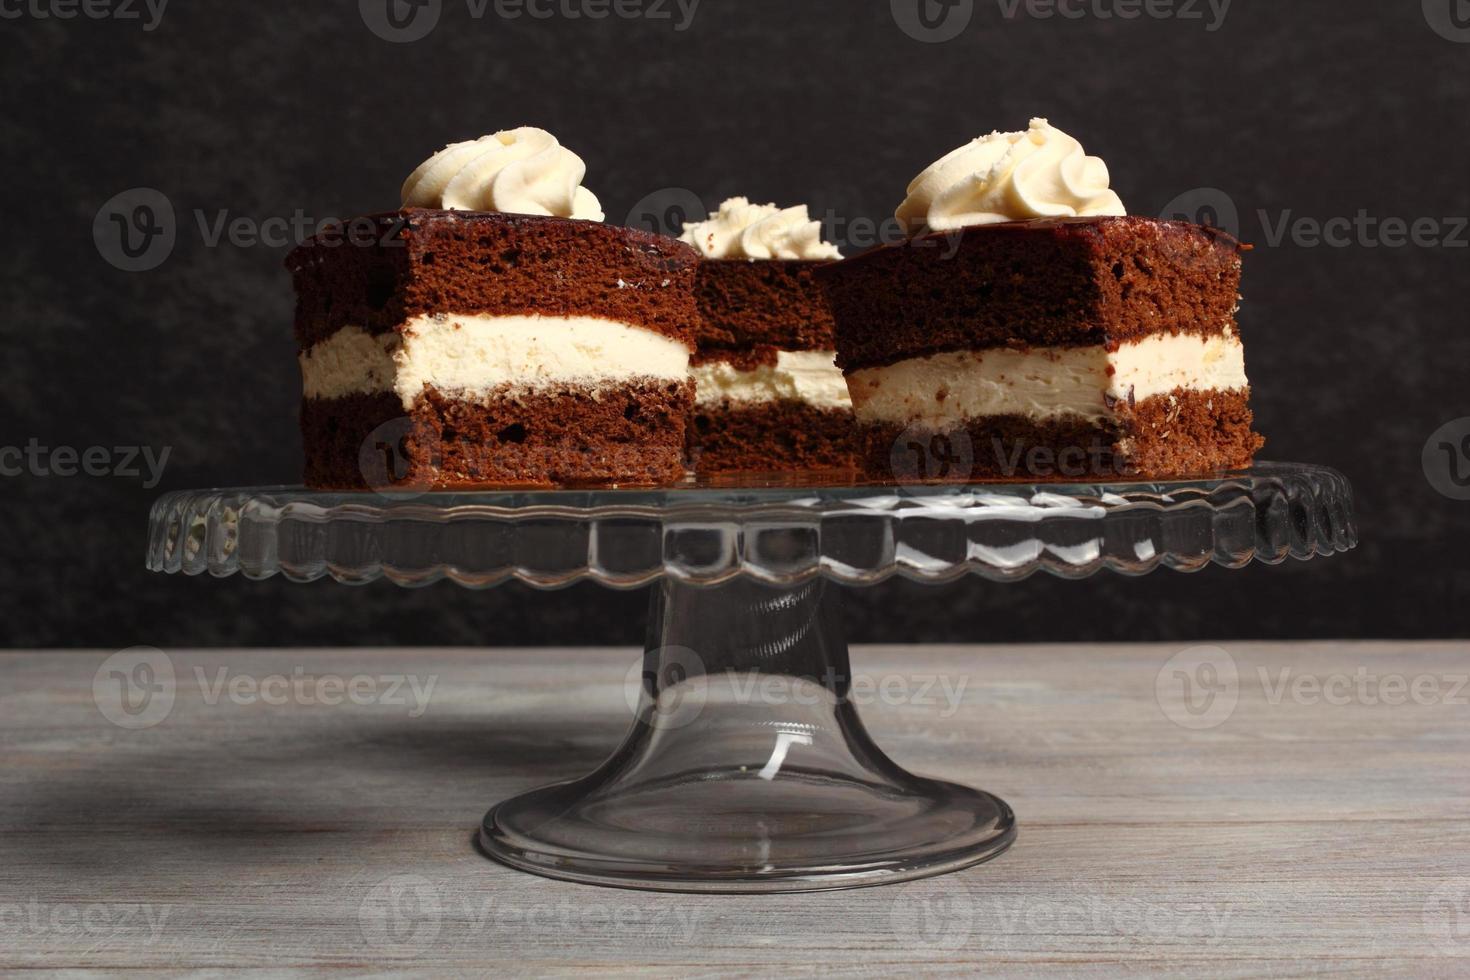 pastel de crema bizcocho de chocolate relleno de crema batida. foto